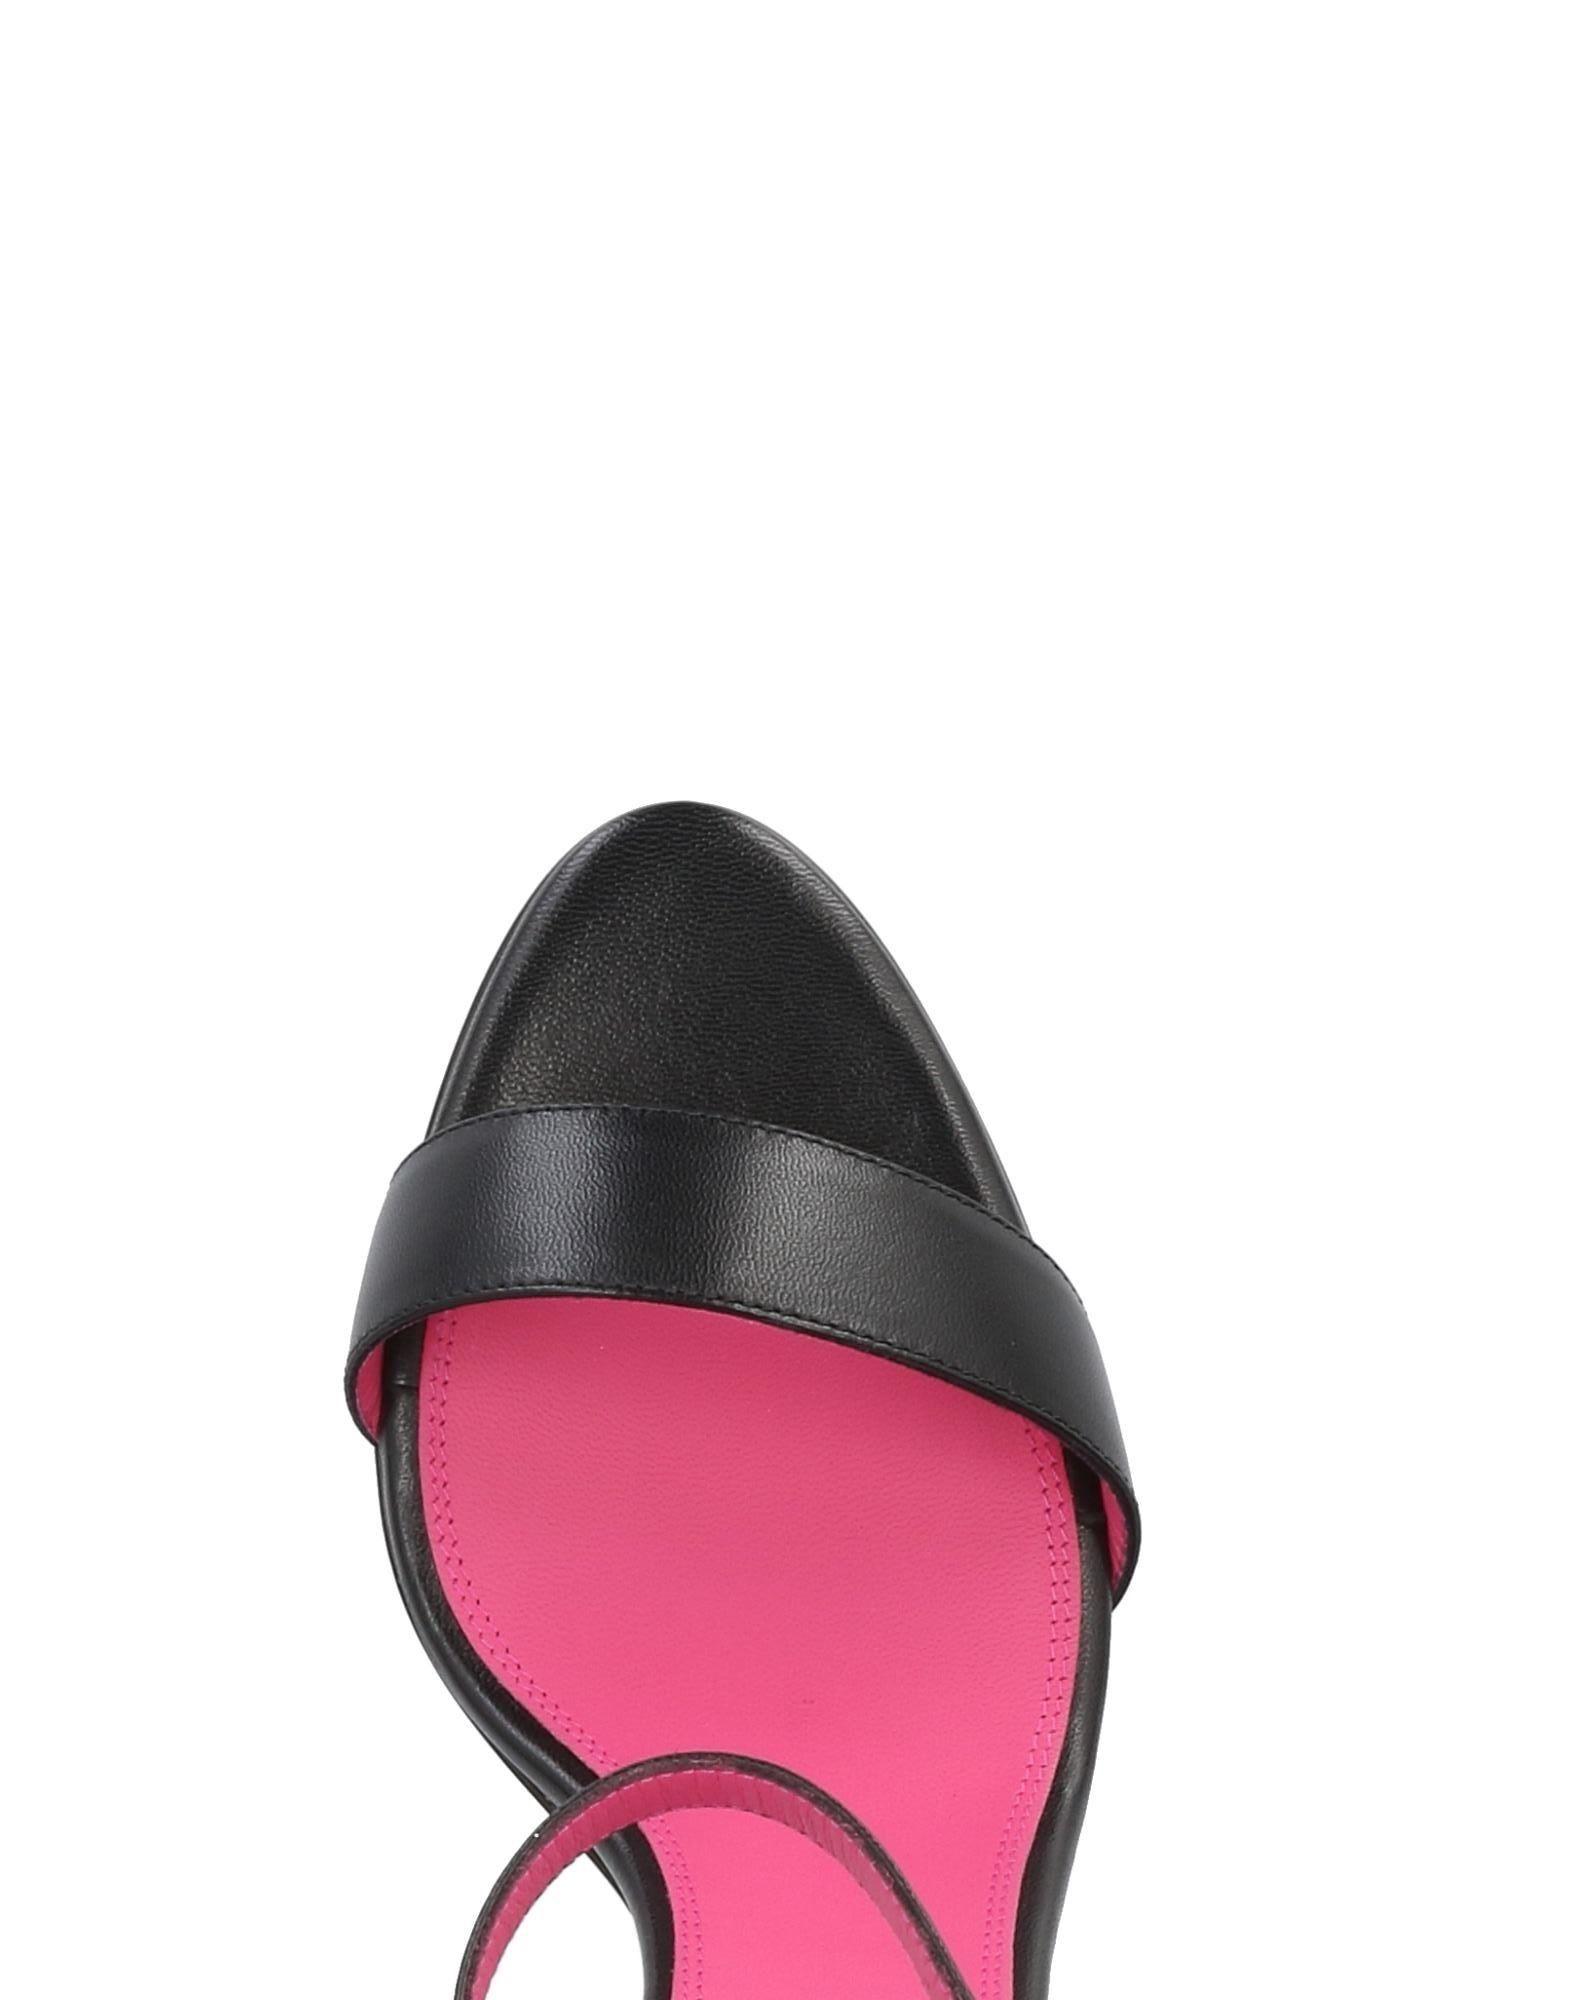 Stilvolle billige Schuhe Oscar Tiye Sandalen Damen  11418257ME